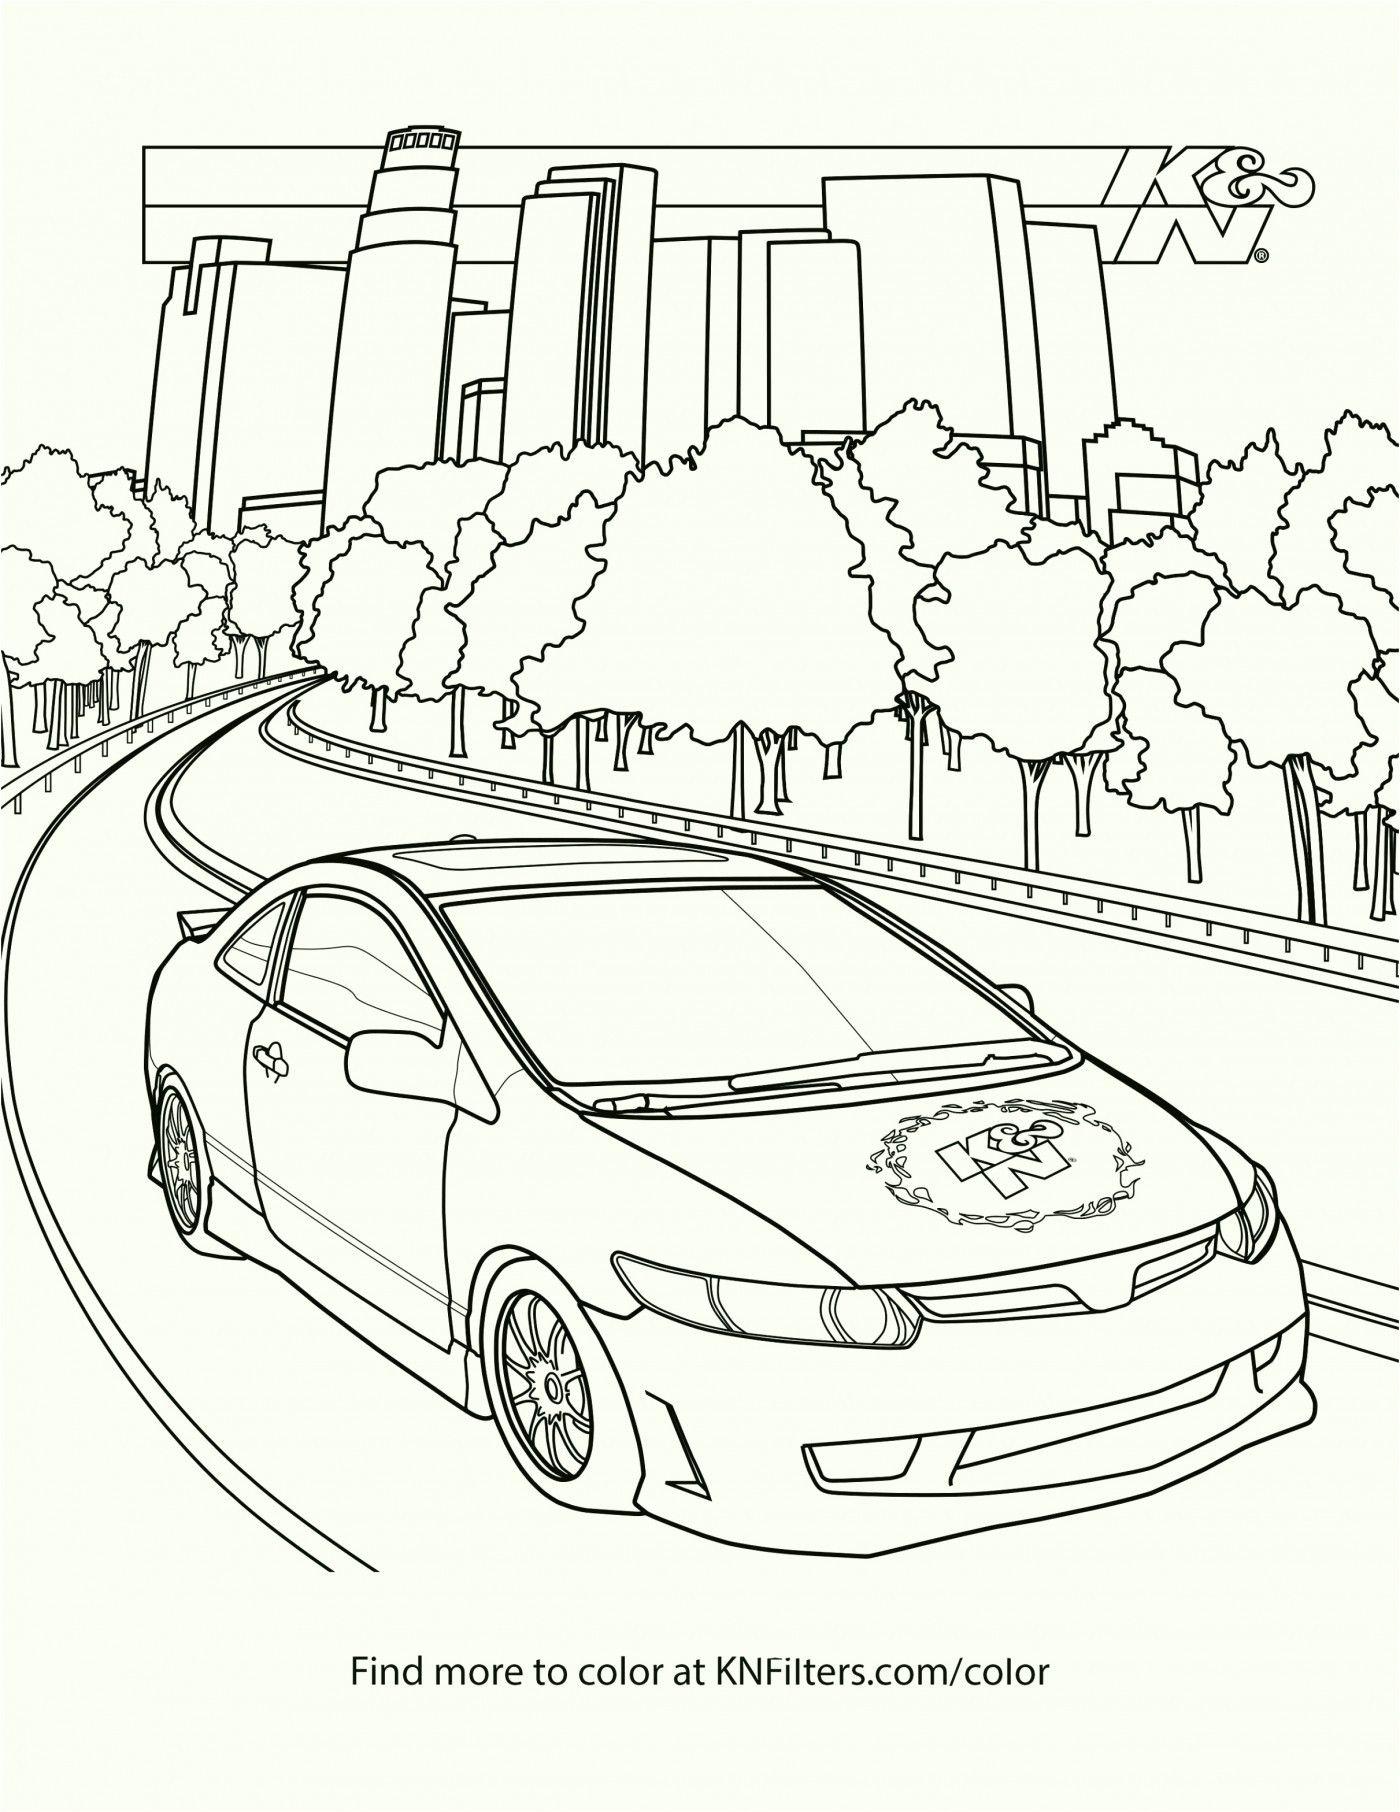 Frisch Lightning Mcqueen Malvorlagen Race Car Coloring Pages Free Kids Coloring Pages Coloring Pages For Kids